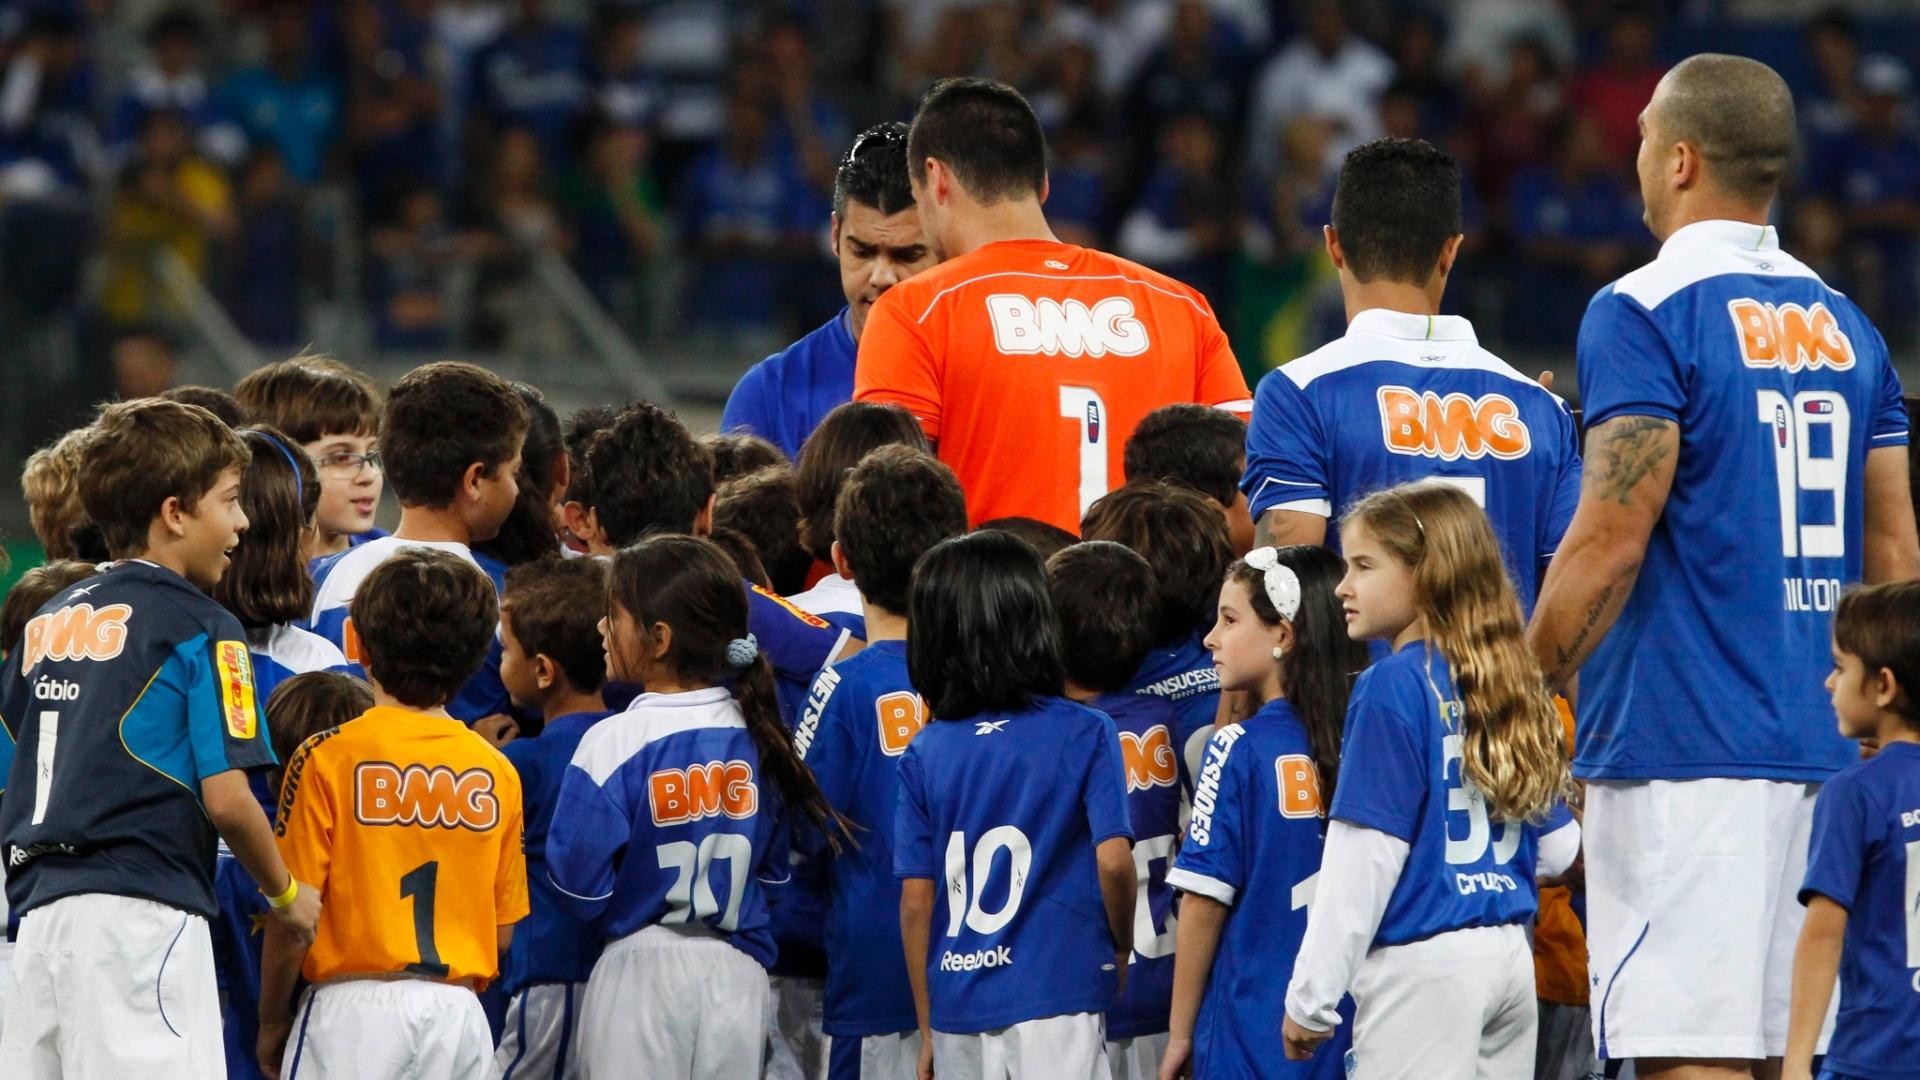 03.ago.2013 - Jogadores do Cruzeiro entram em campo para enfrentar o Coritiba no Mineirão